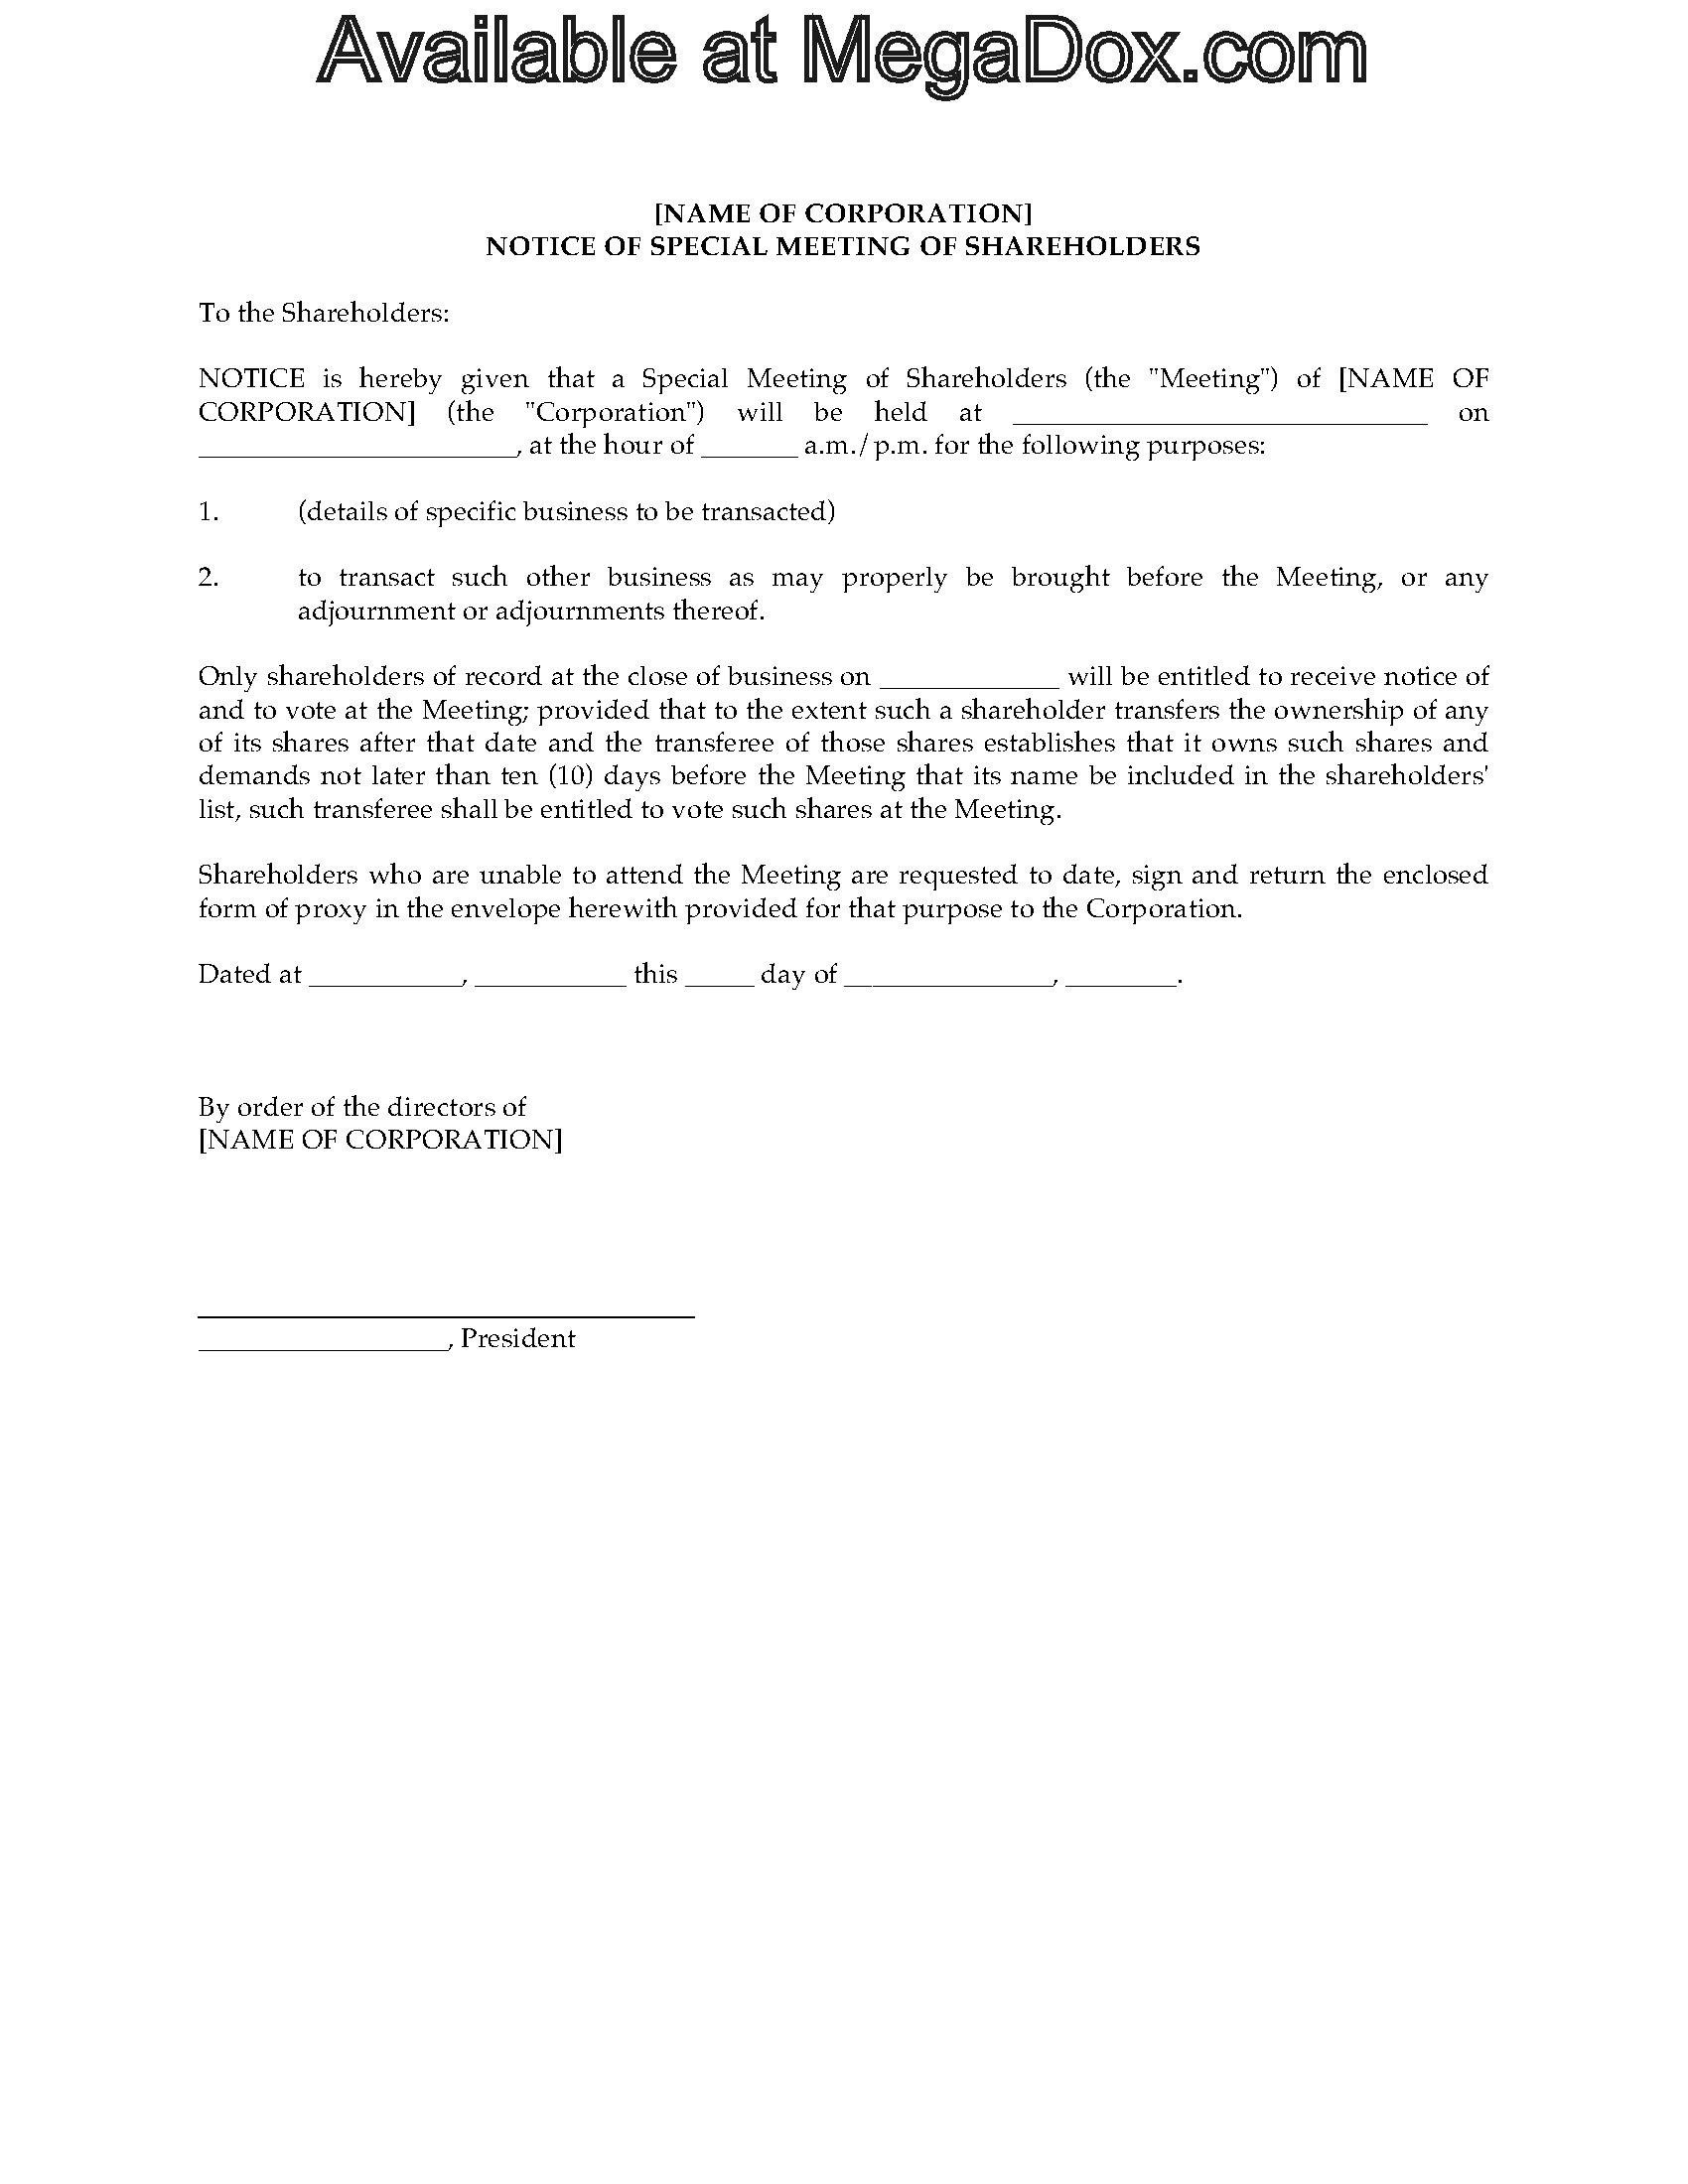 meeting forms - Romeo.landinez.co